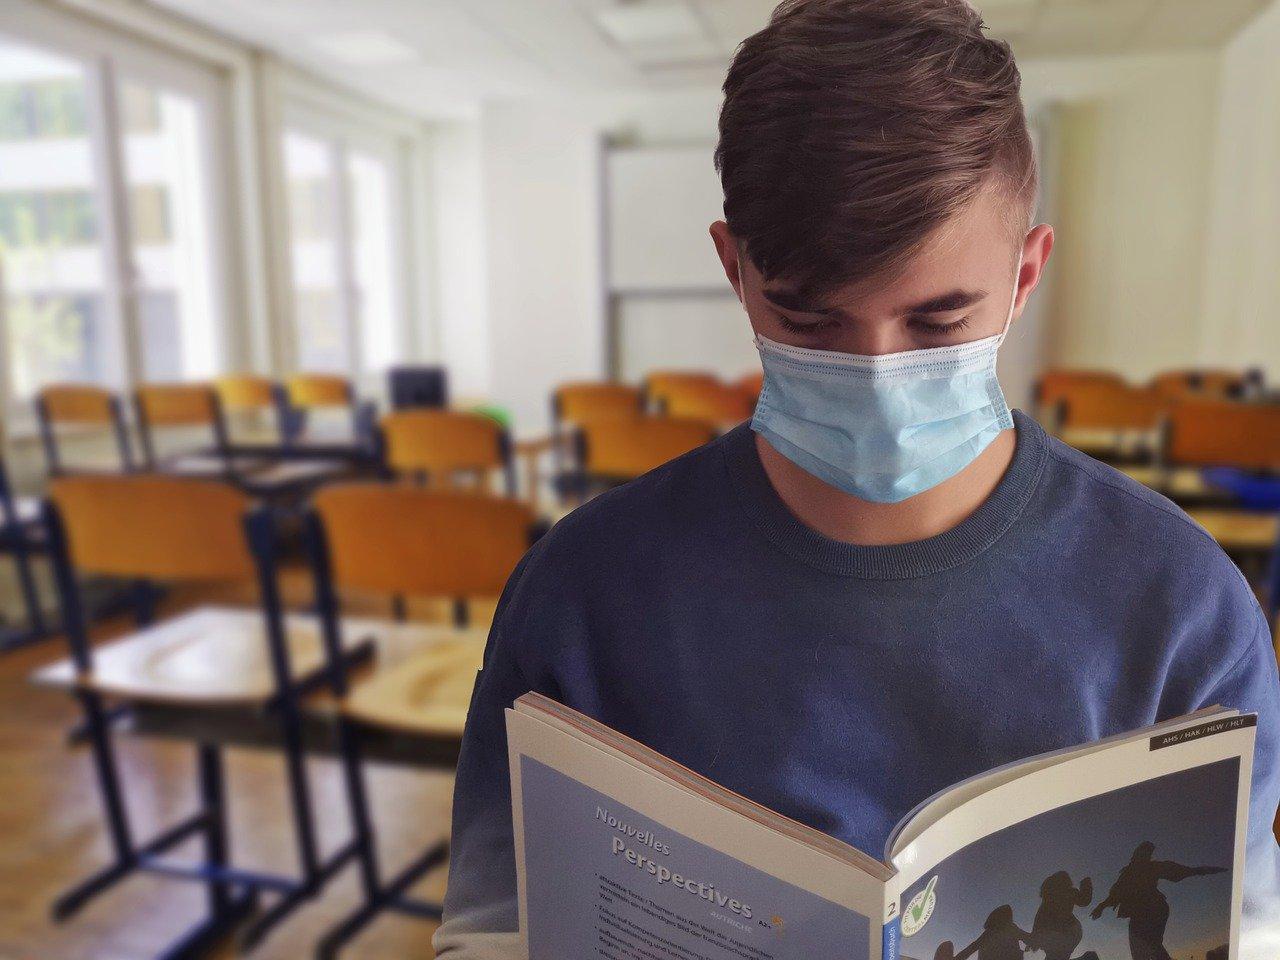 Suspensão das aulas presenciais em Minas completará um ano no mês que vem